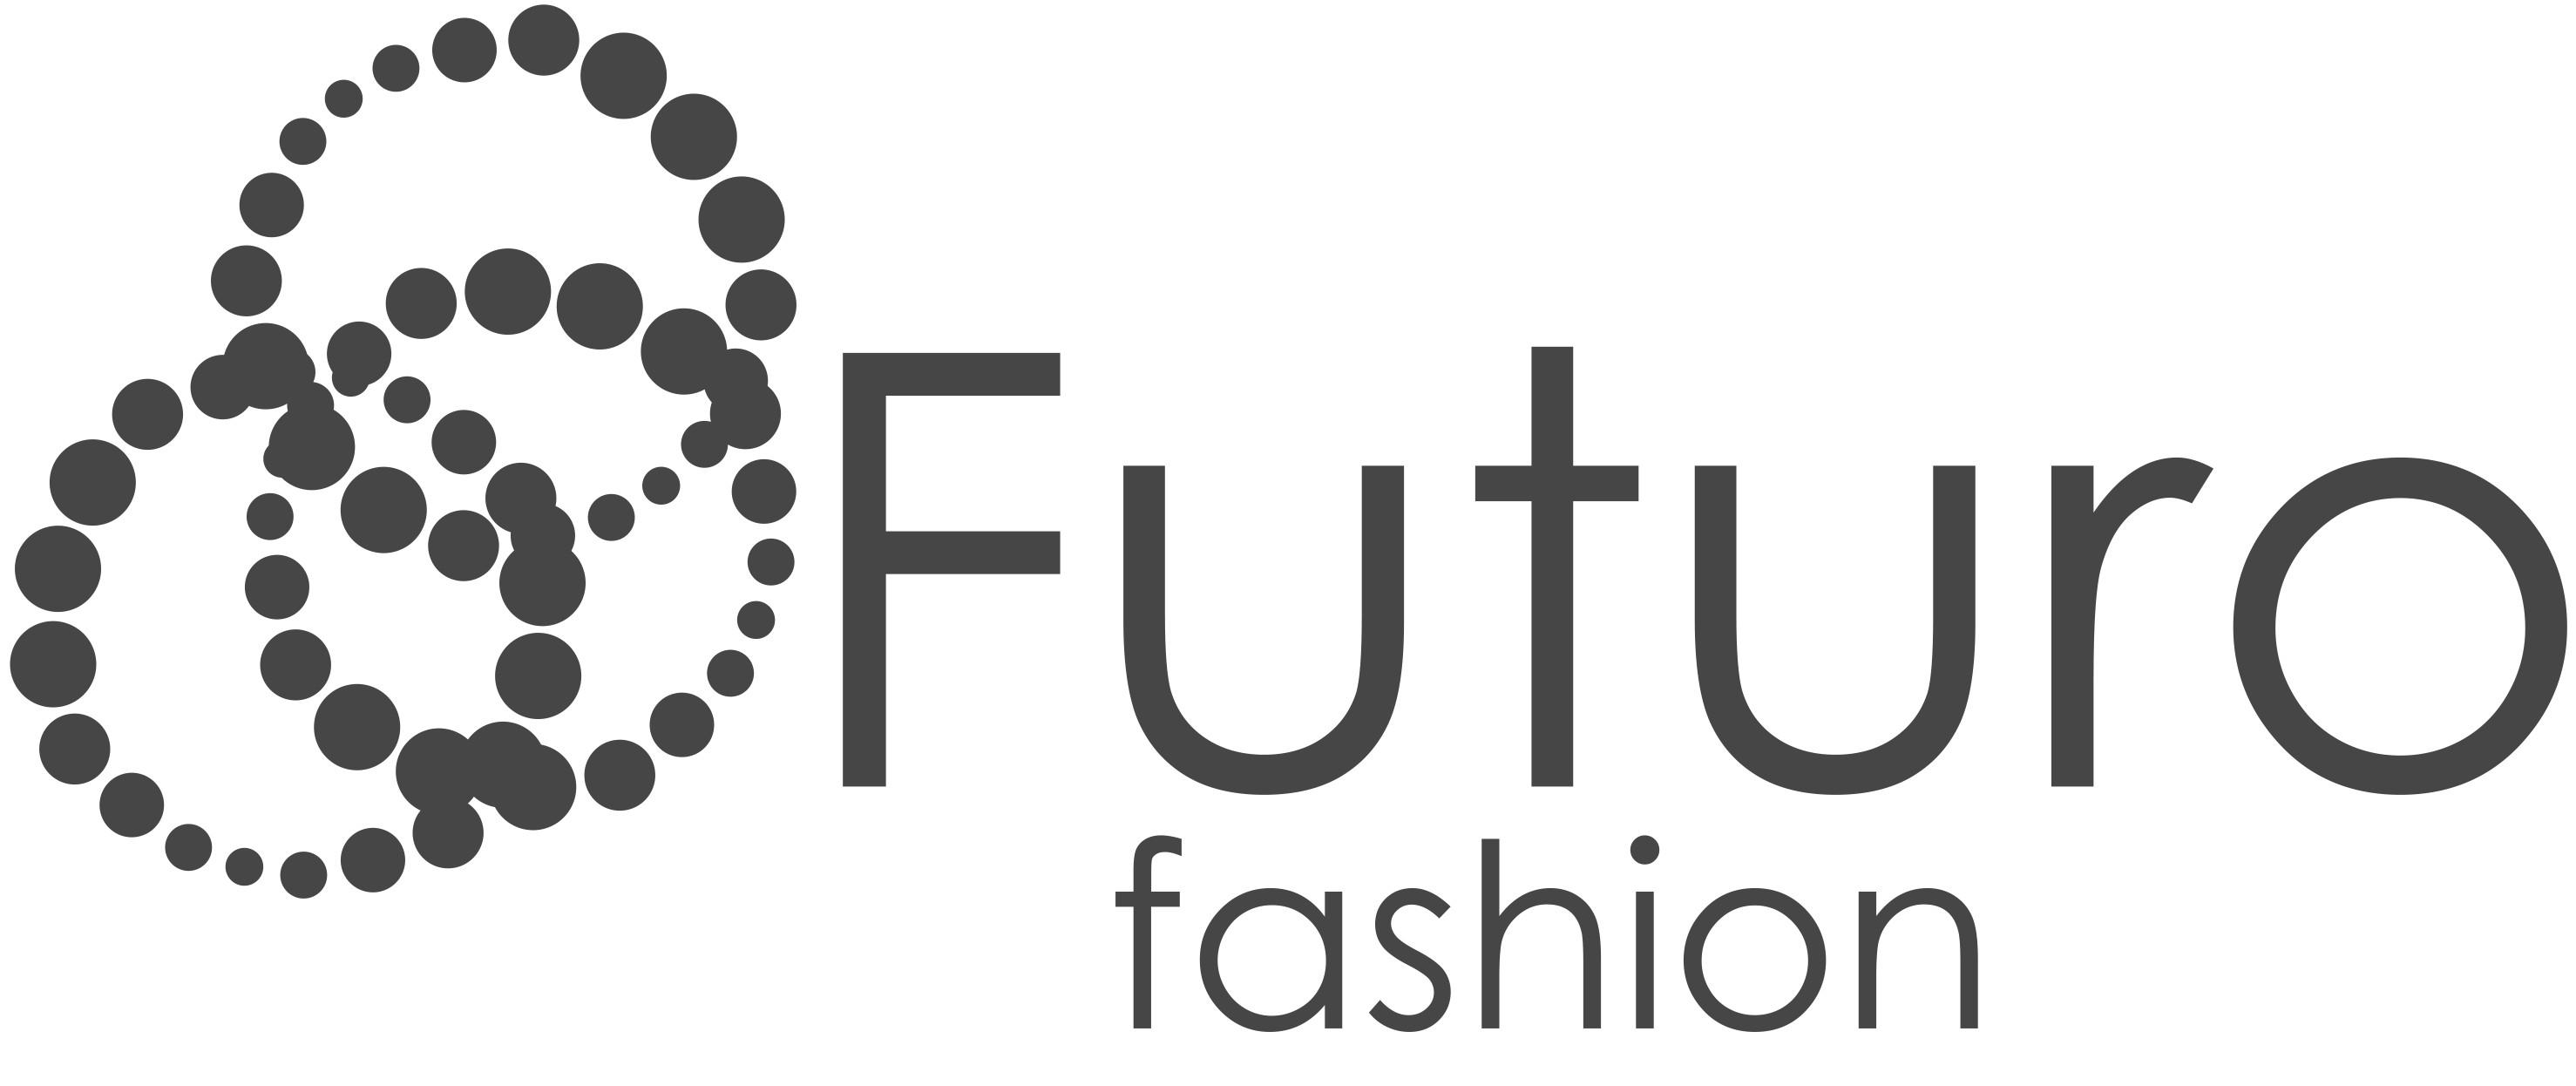 FUTURO FASHION